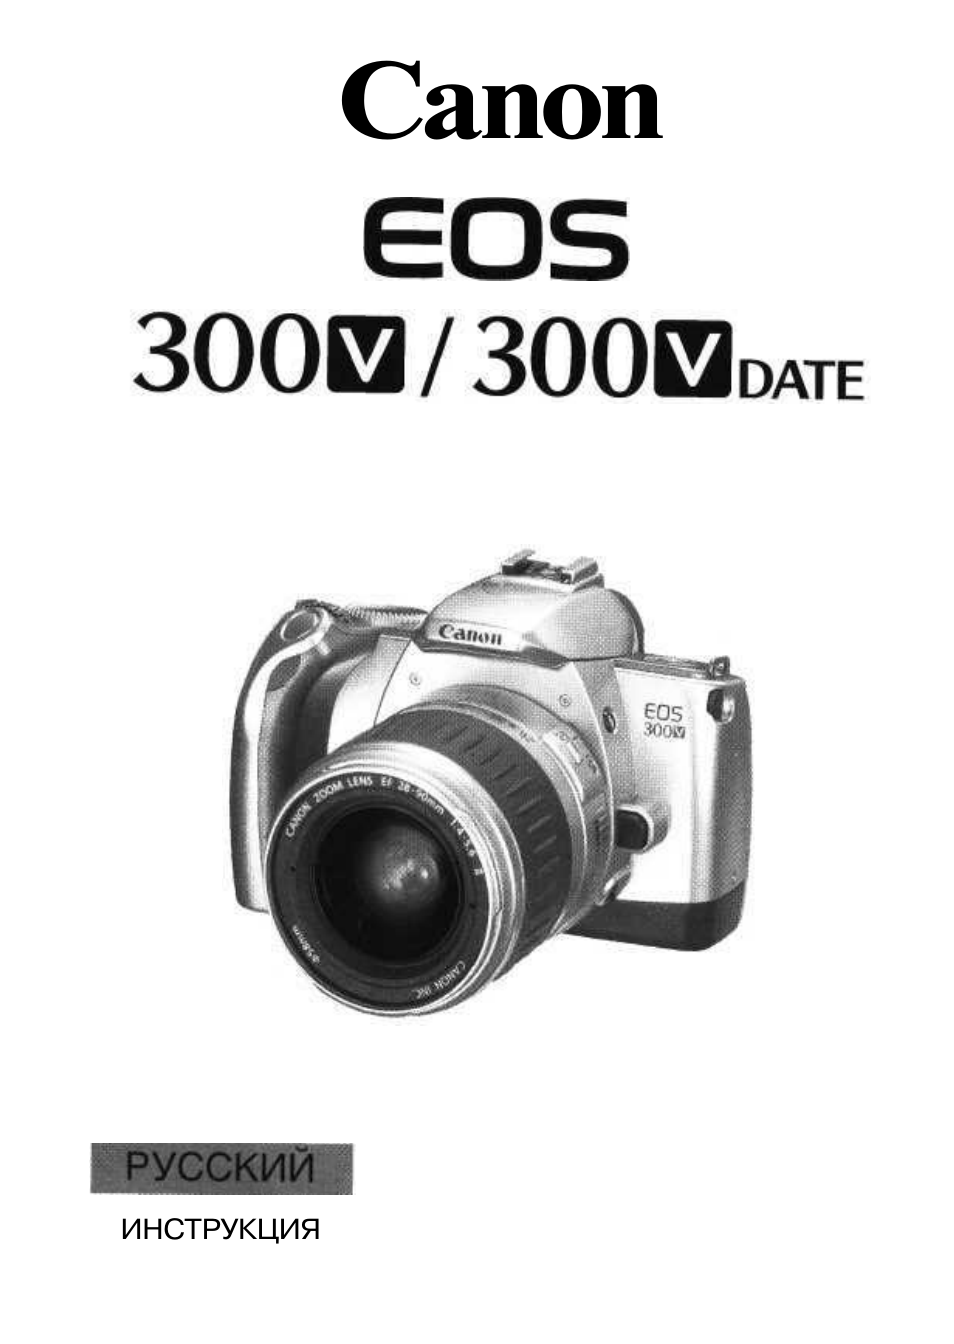 Инструкция пользователя canon eos 300v